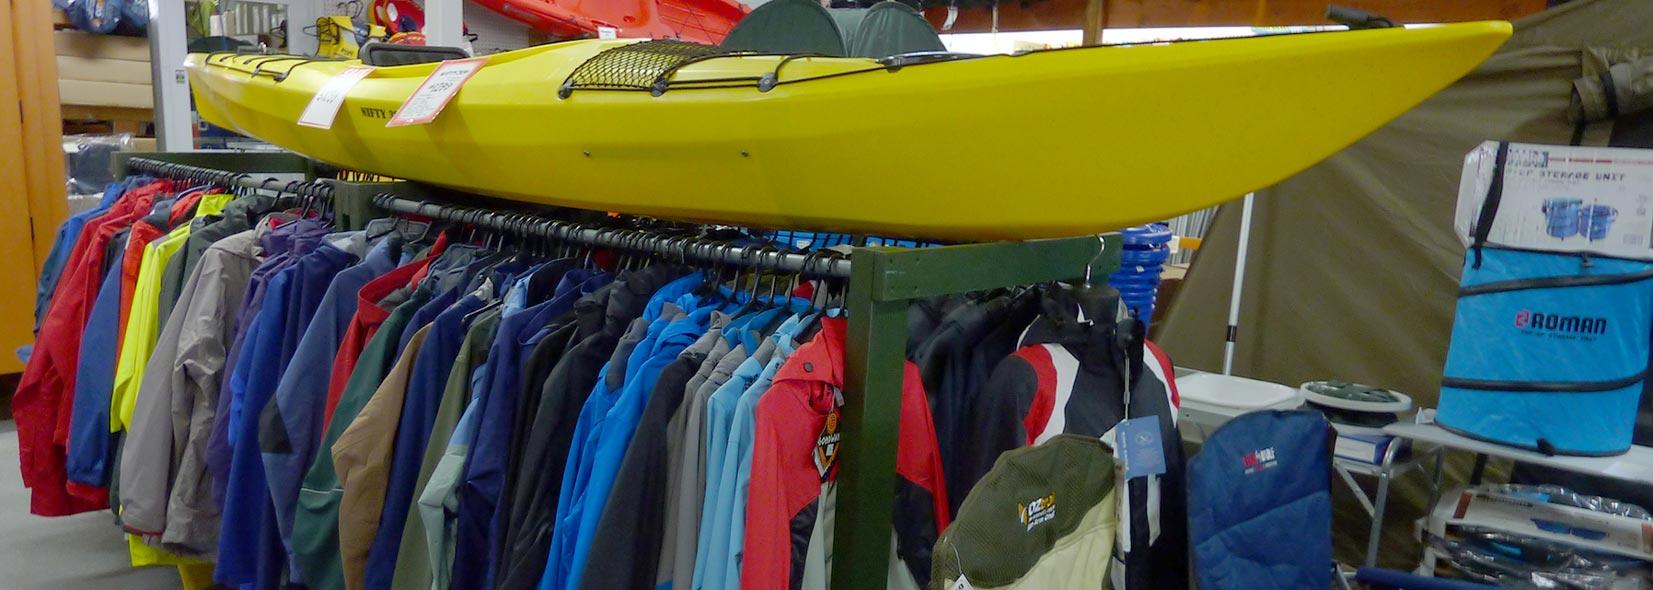 Waterproof Rainwear Clothing